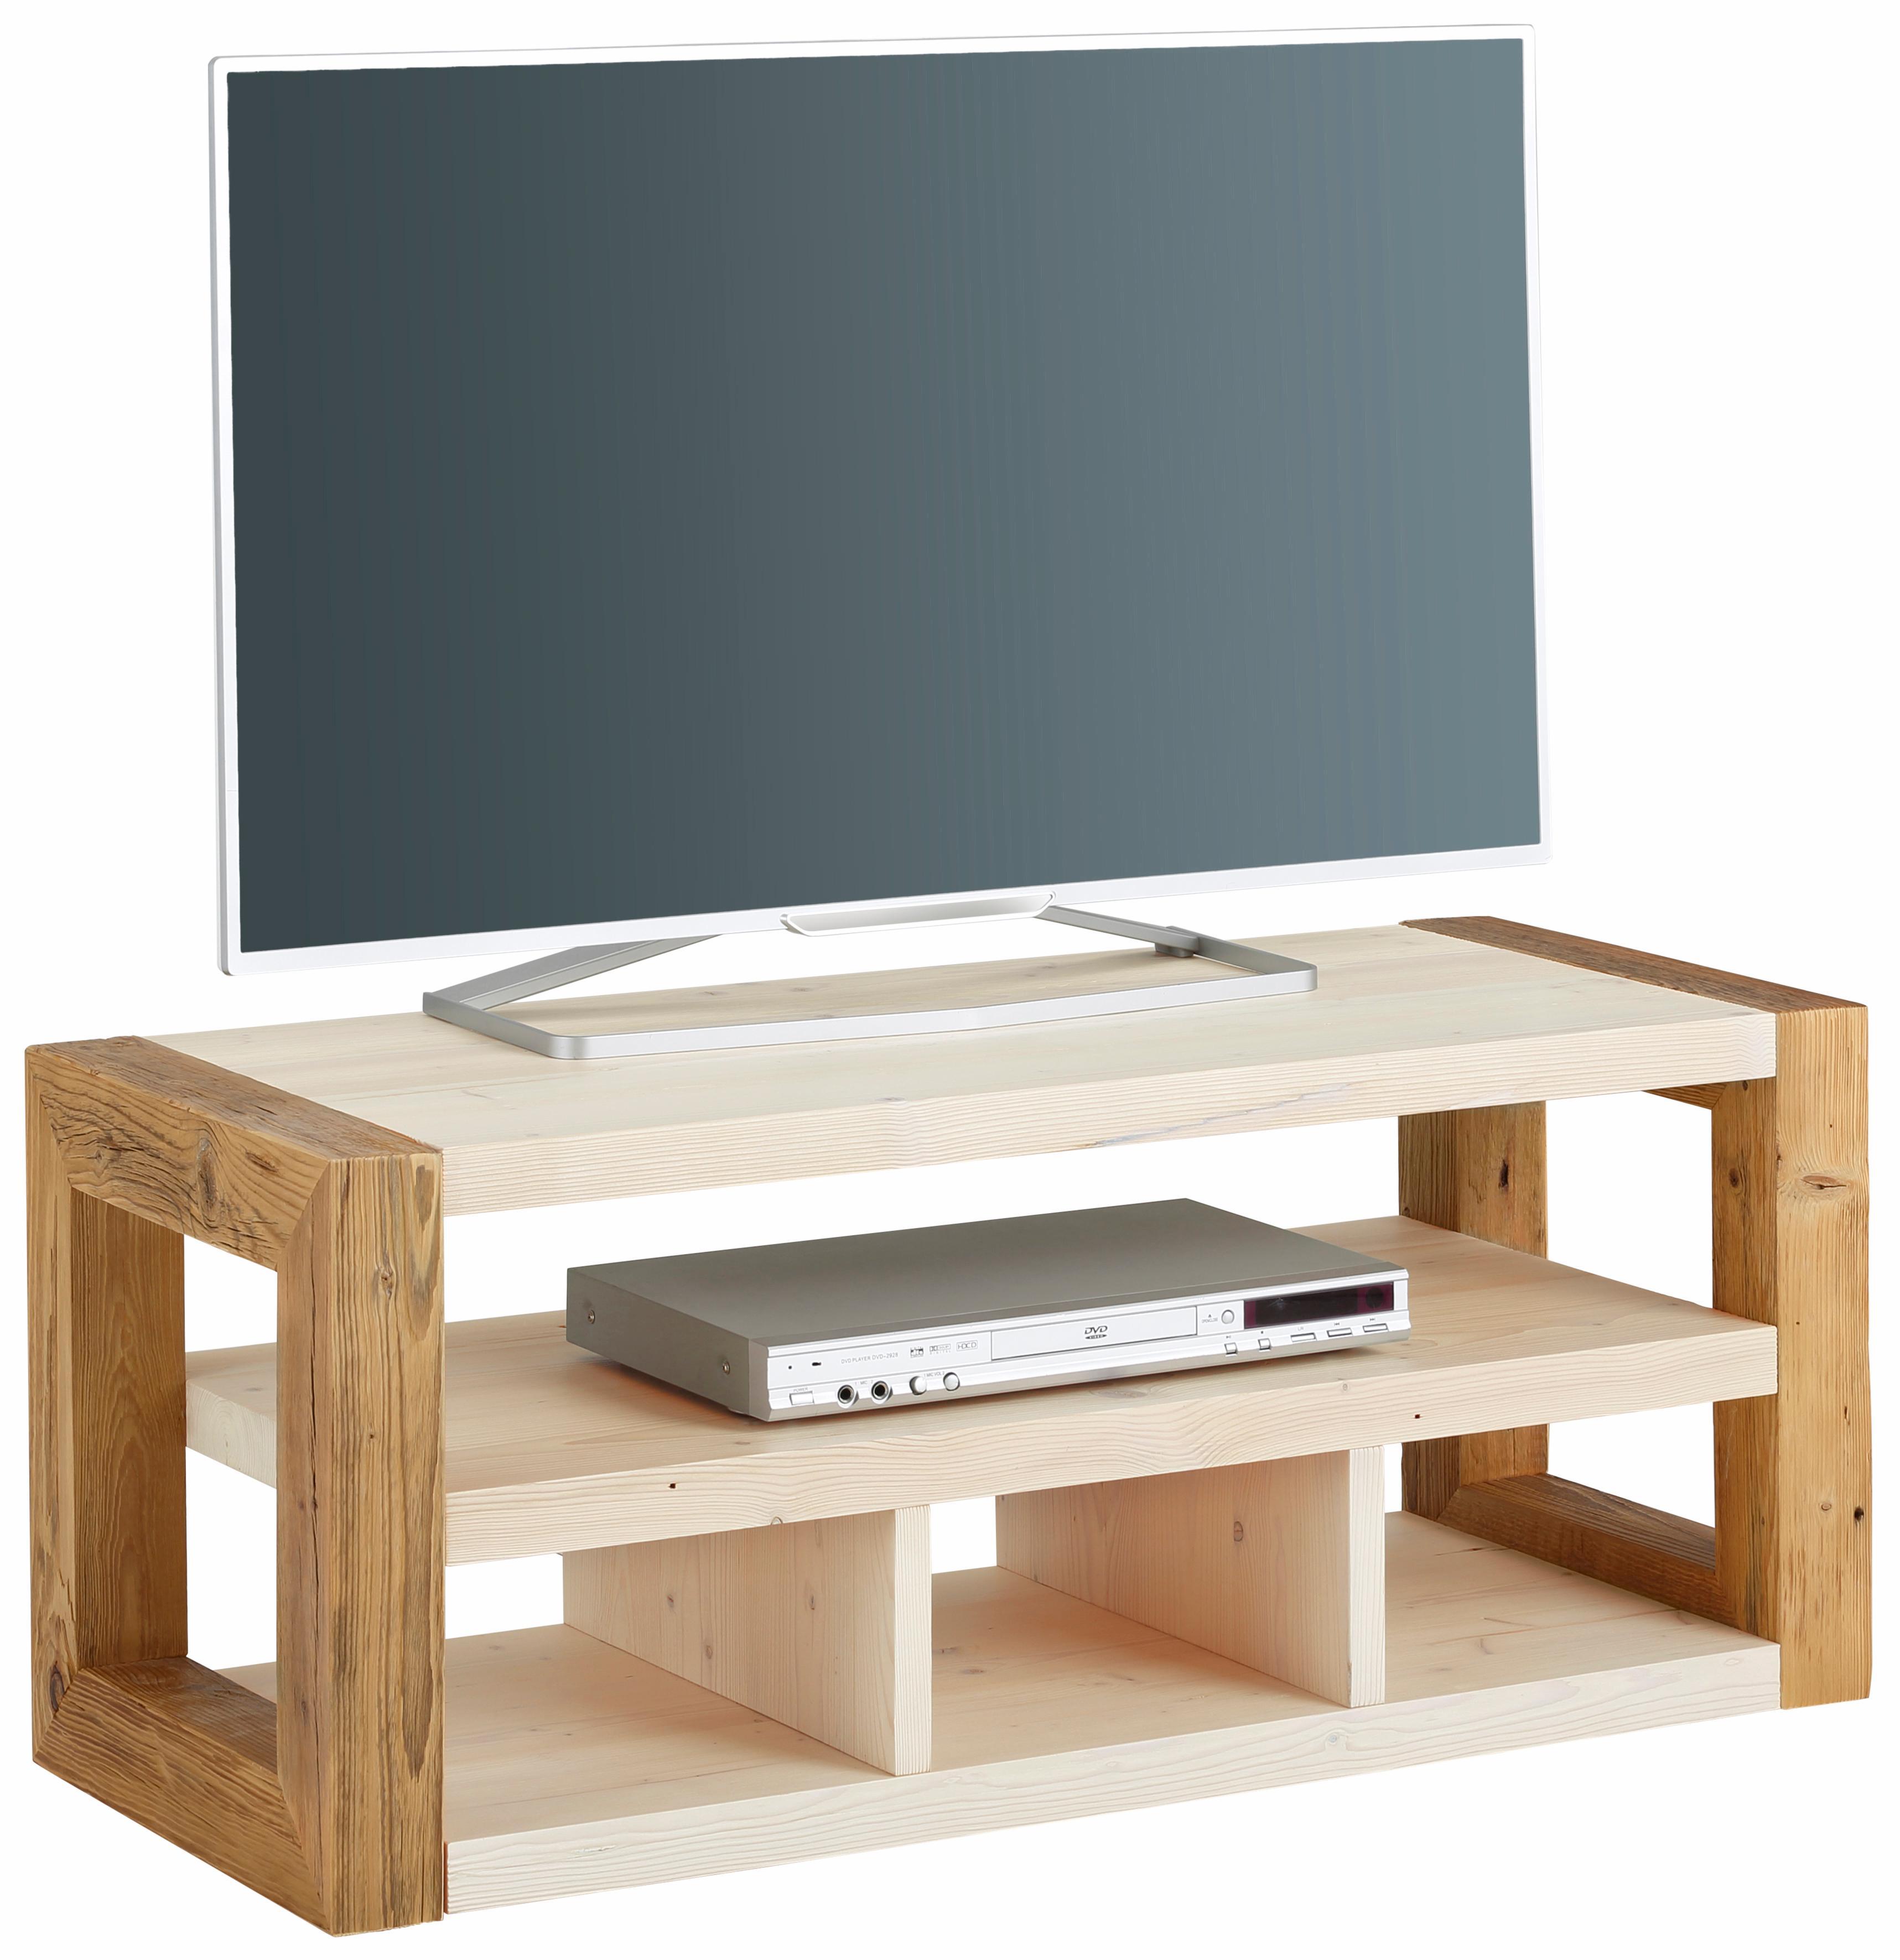 Home affaire Lowboard Larengo günstig online kaufen